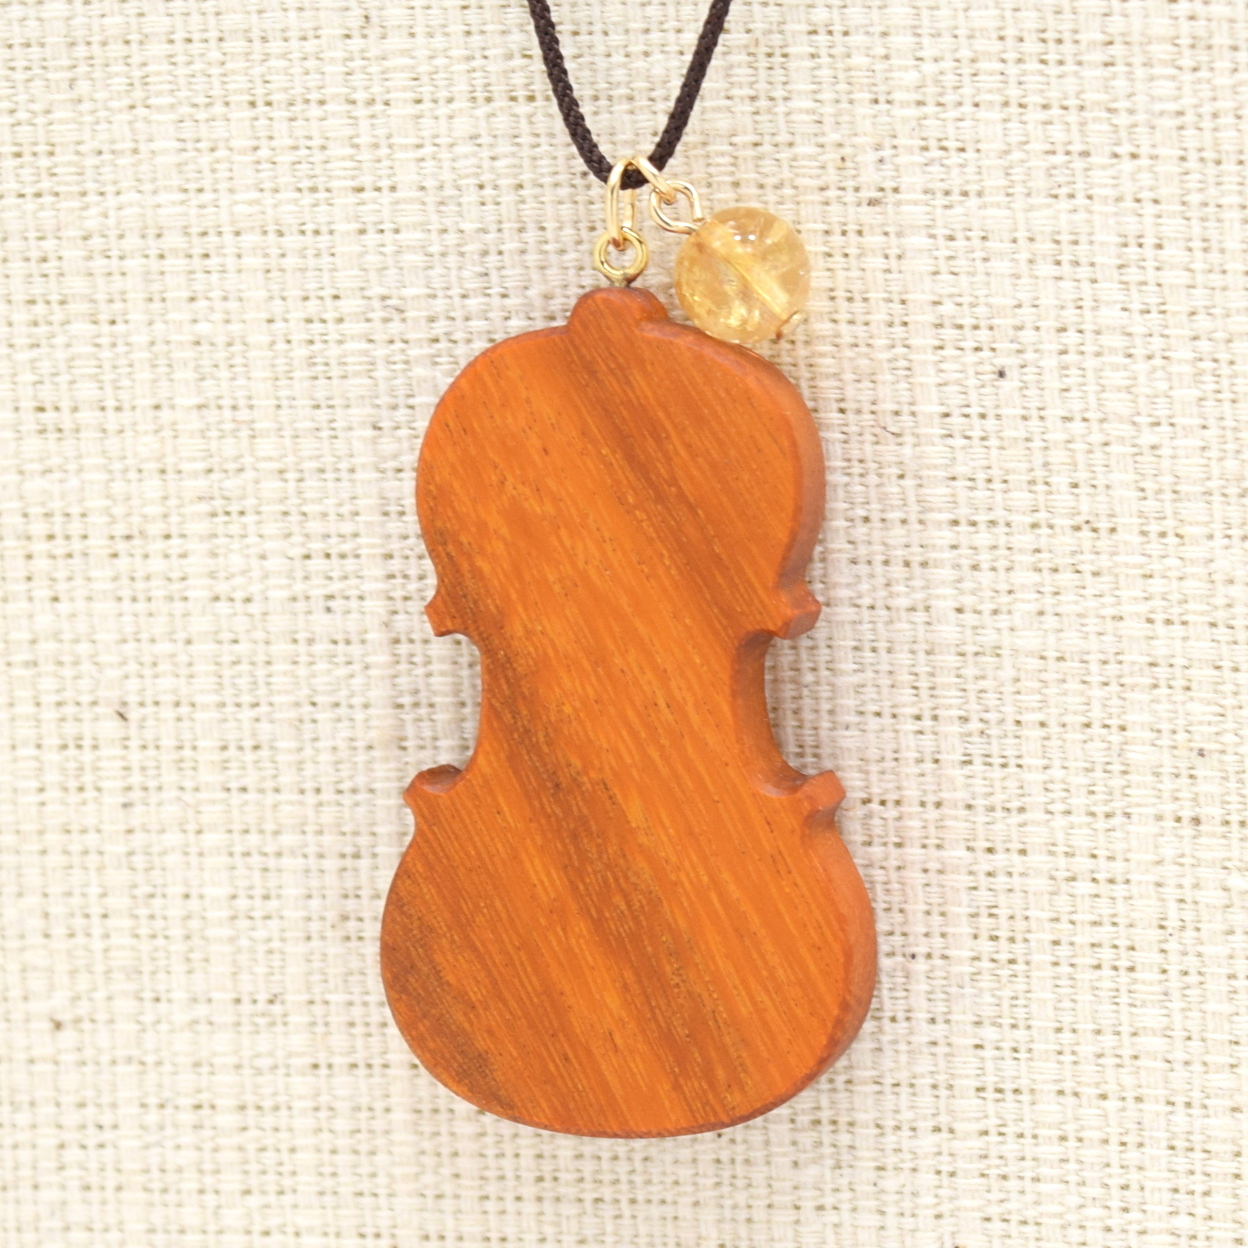 『ヴァイオリン/フェルナンブーコ/シトリン』木の宝石ペンダント【ゴールドフィルド】